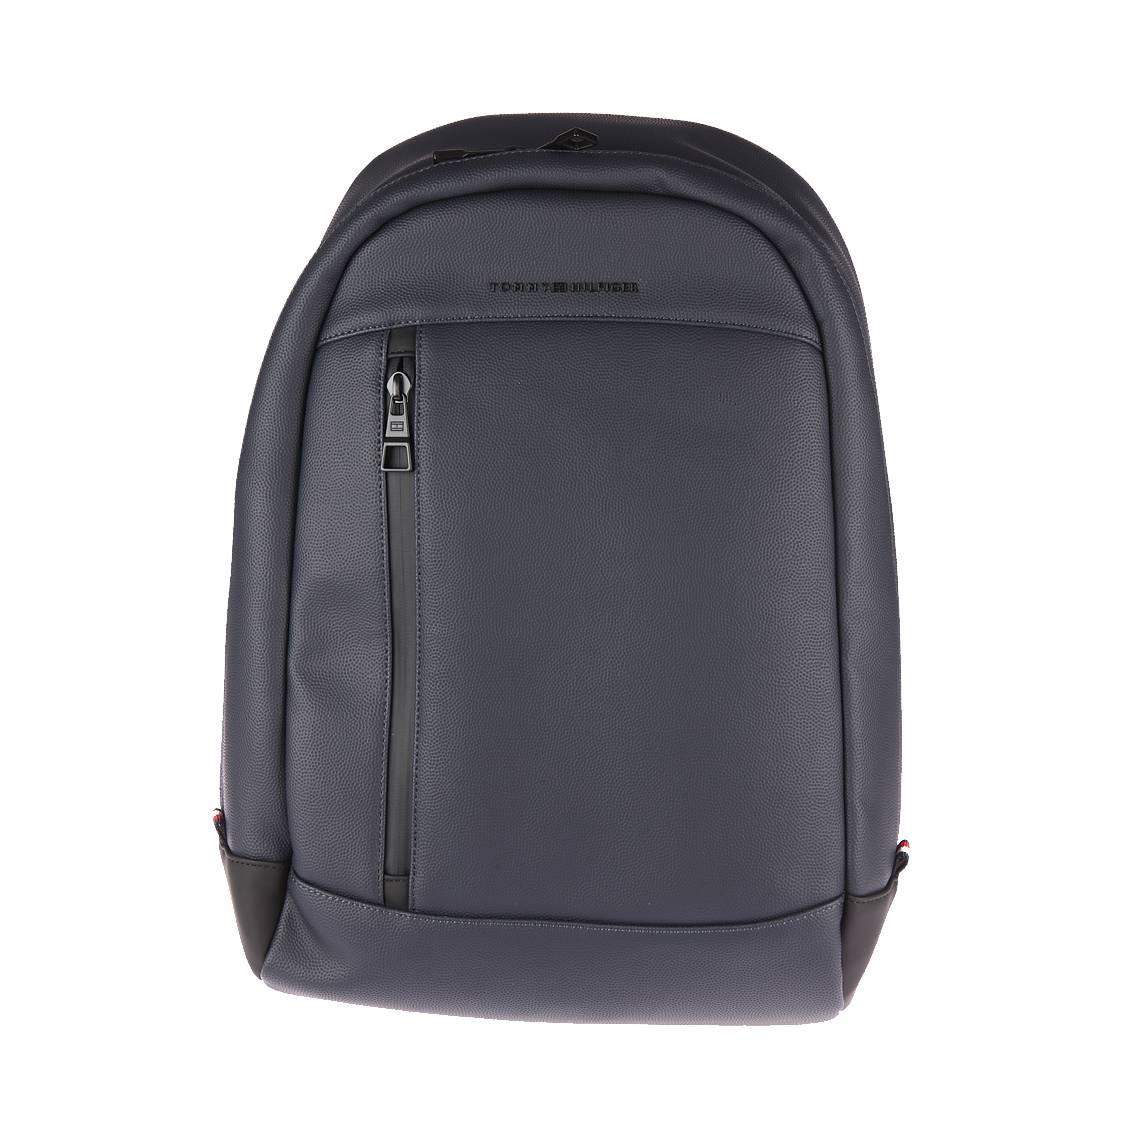 sac dos tommy hilfiger courtside en simili cuir bleu nuit rue des hommes. Black Bedroom Furniture Sets. Home Design Ideas